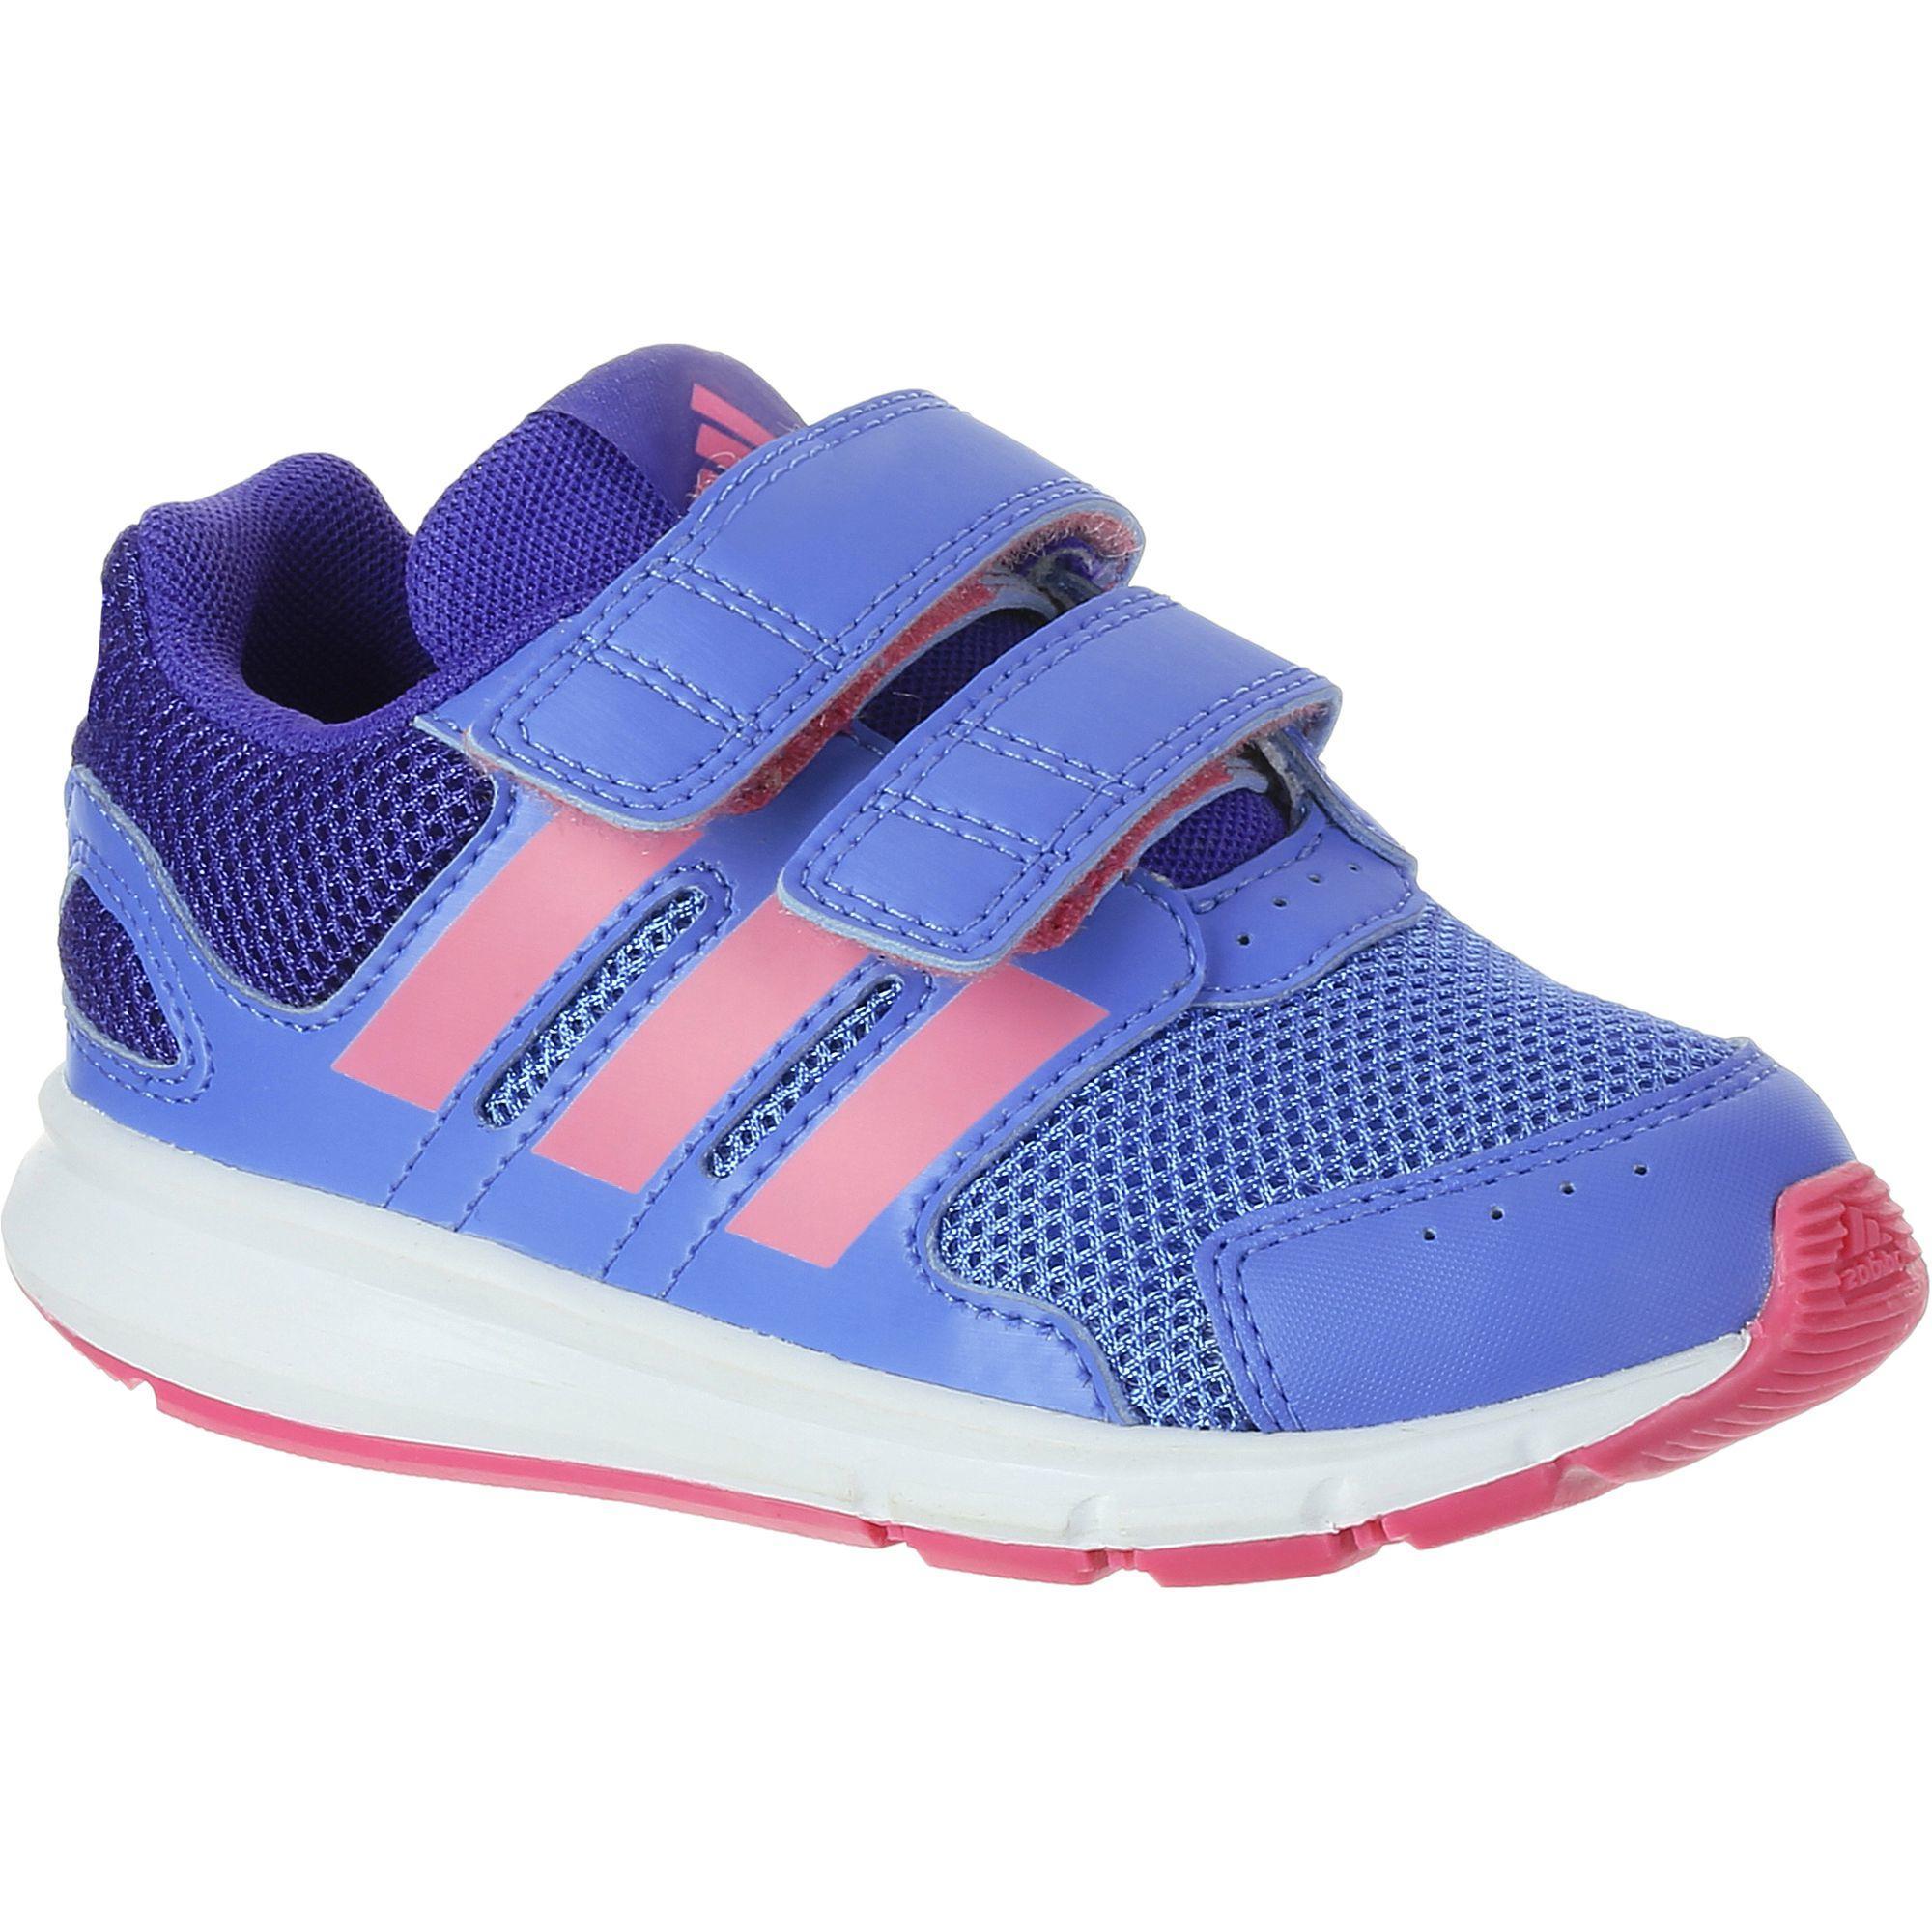 Lk Bébé Bleu Adidas Sport Chaussures Nnvm8wO0